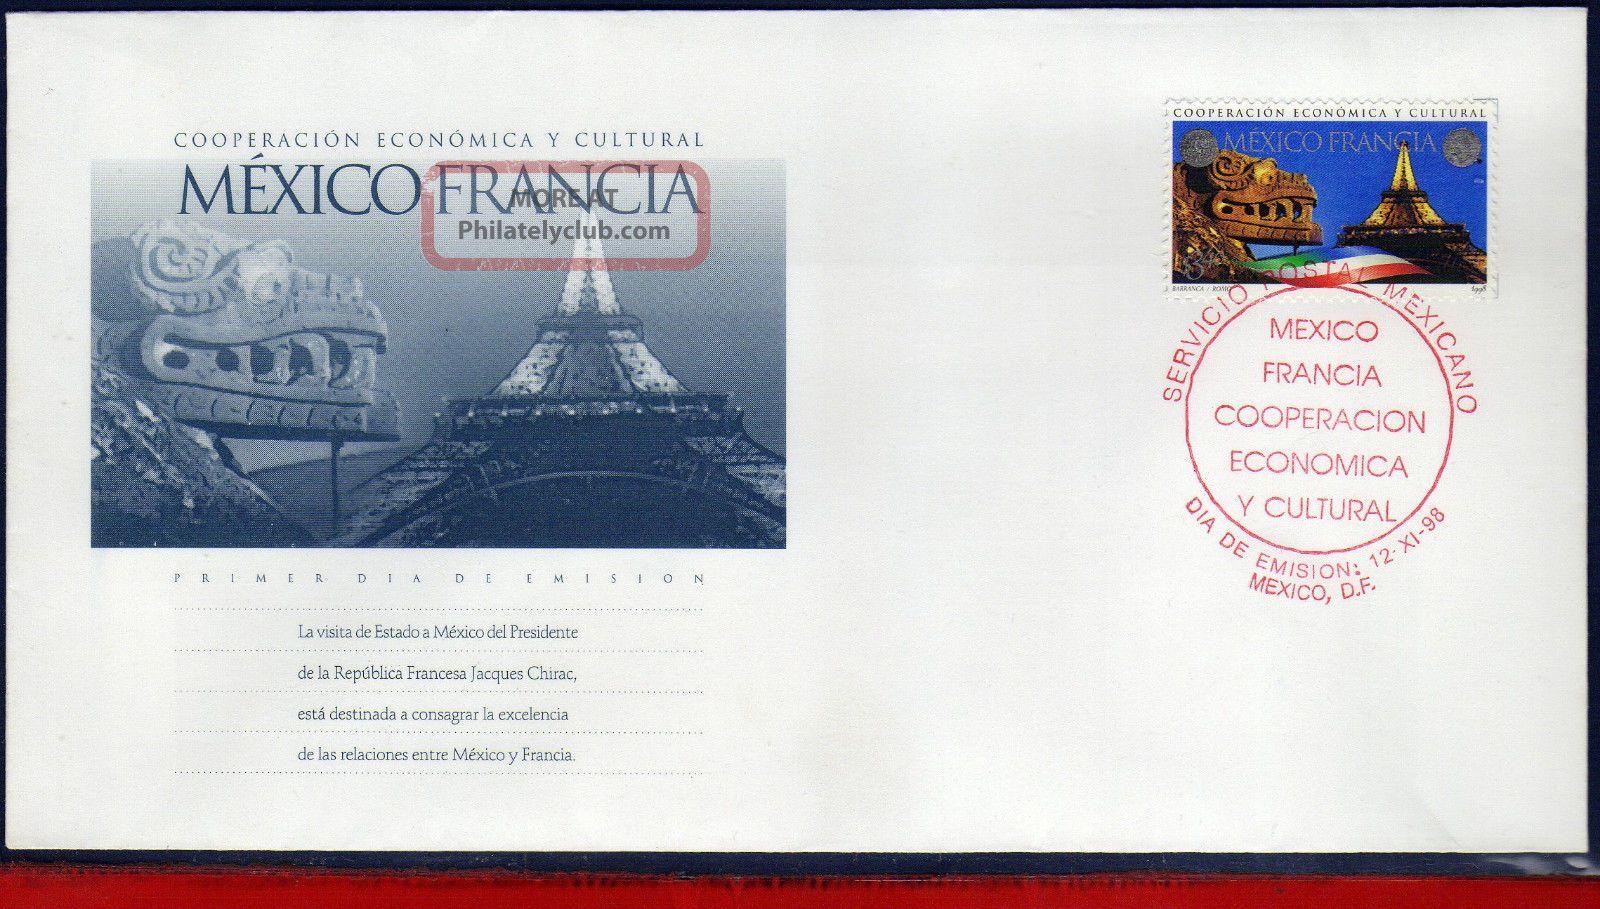 2105fd Mexico 1998 - Cooperation France,  Cultura & Economic,  Mi 2752,  Fdc Latin America photo